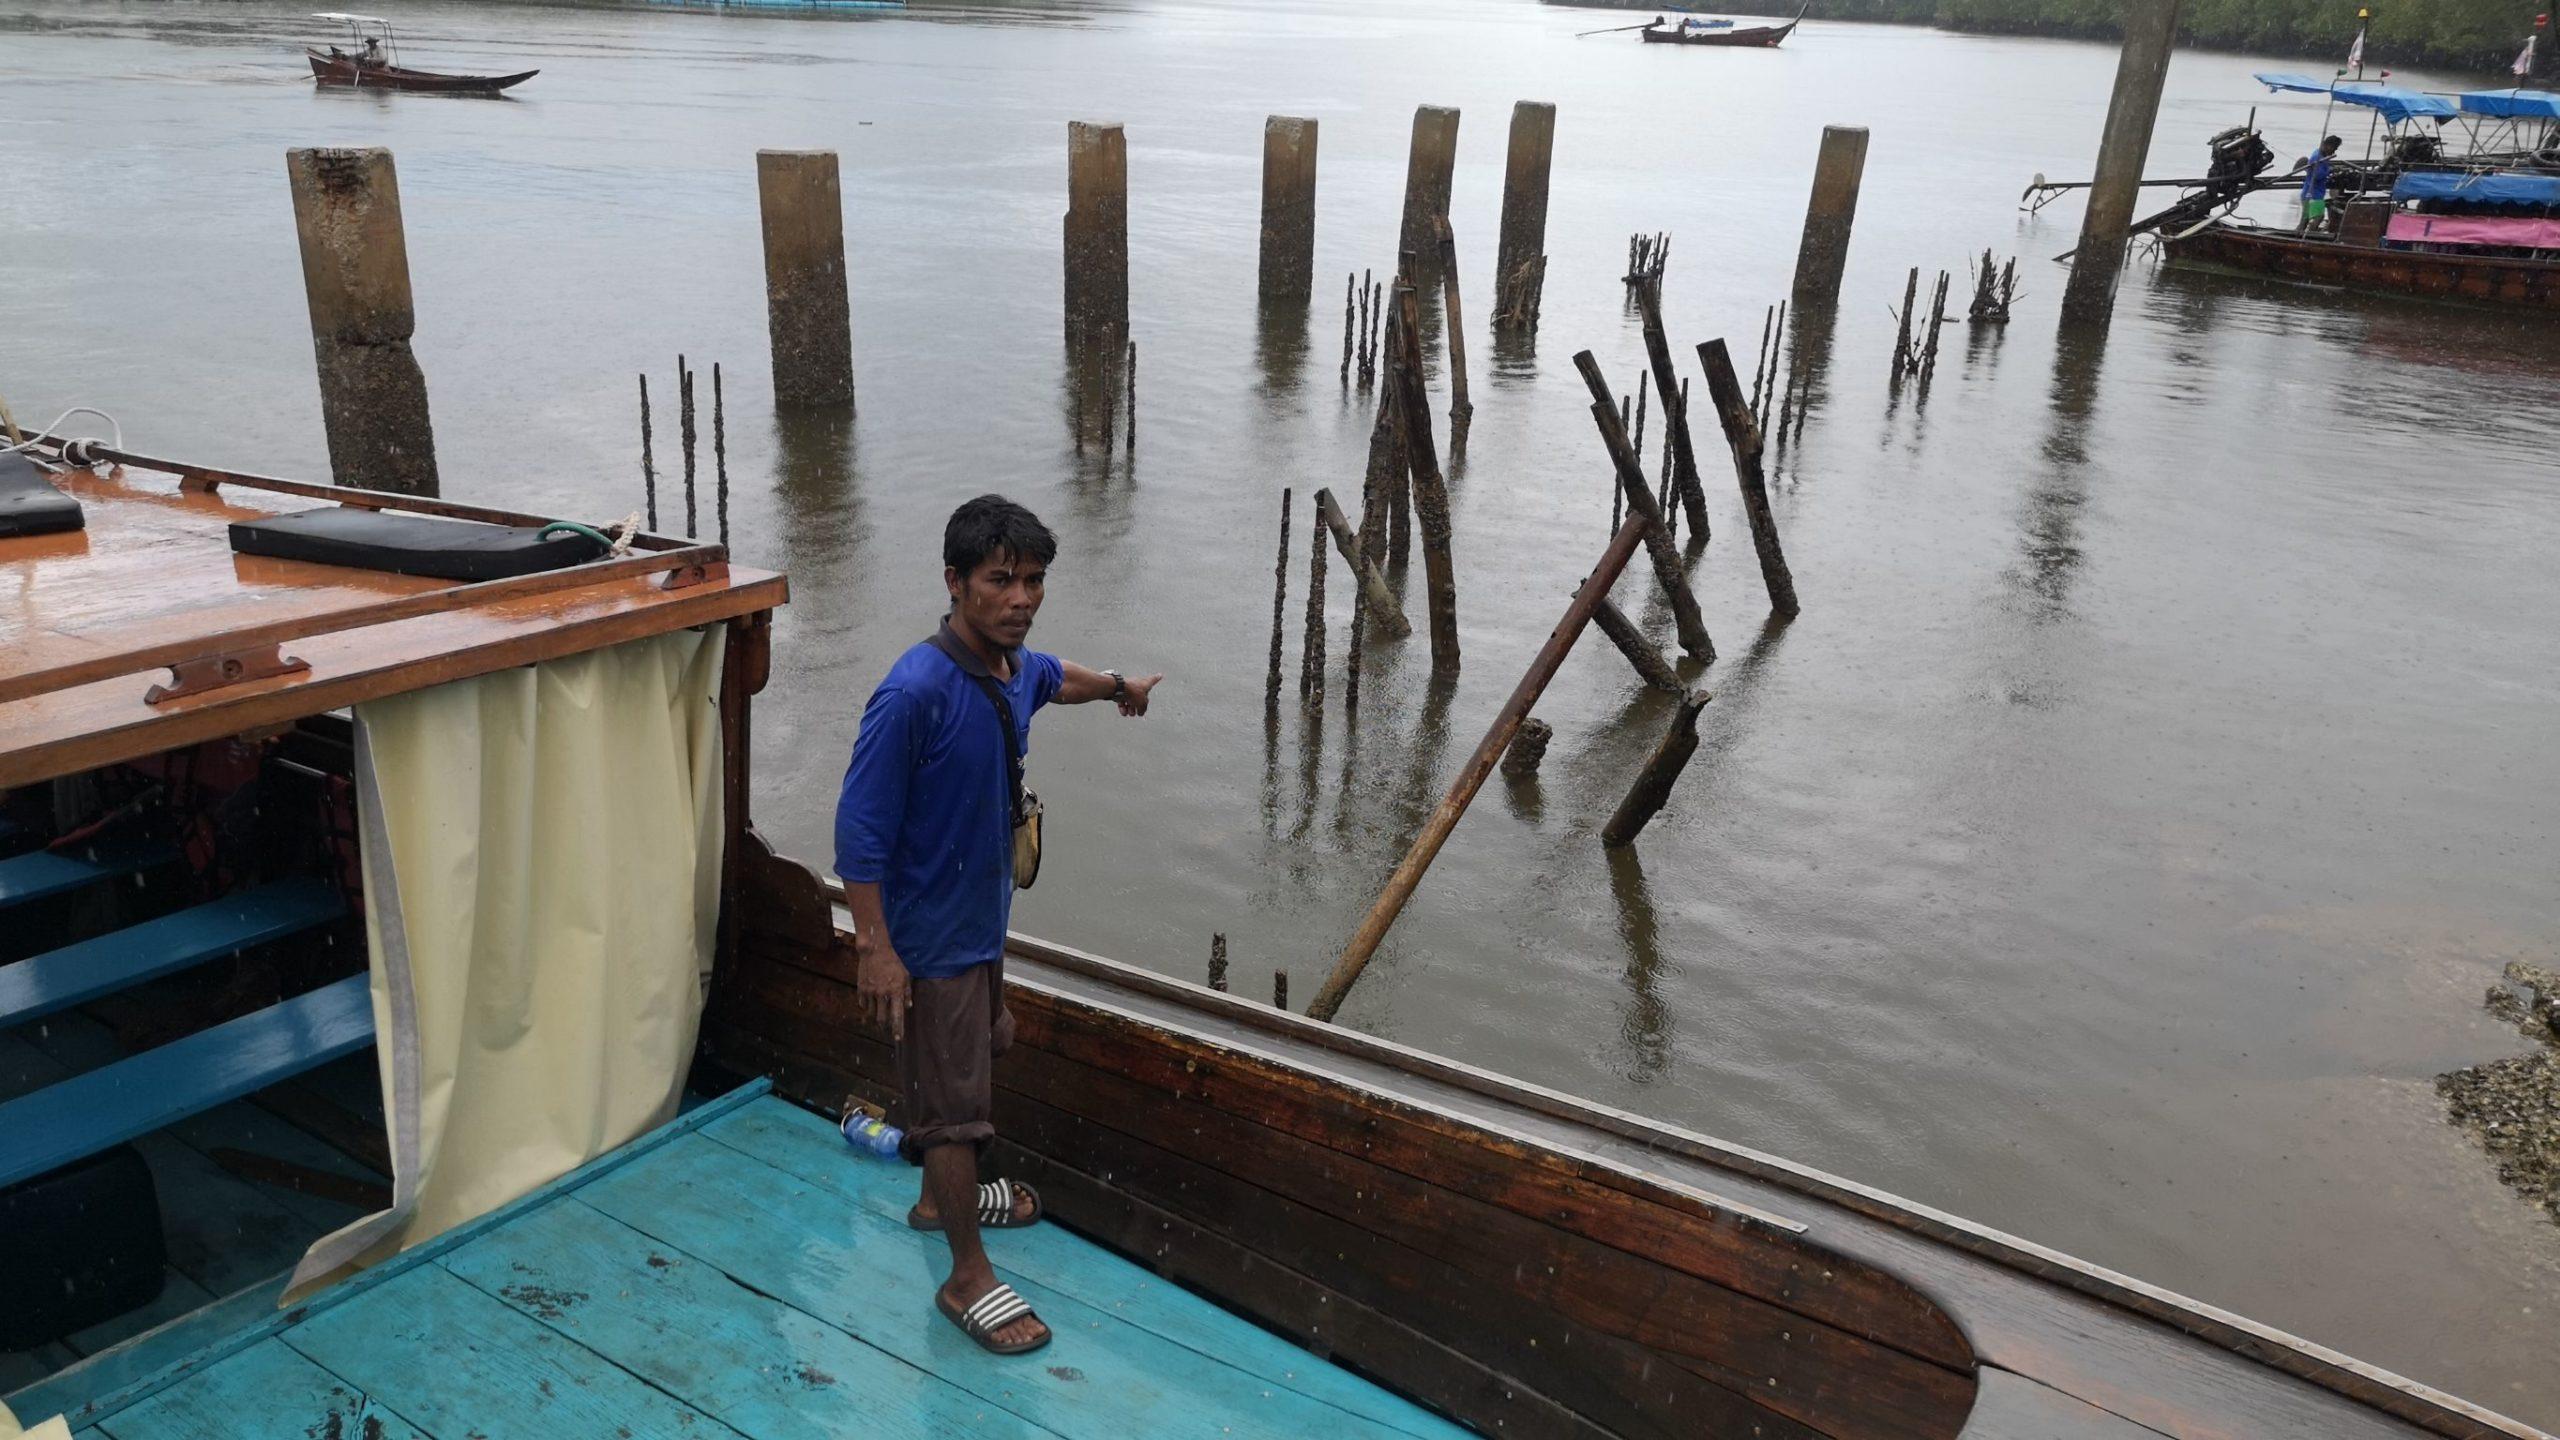 ชาวเกาะลิบงกันตัง ร้องท่าเรือโครงการของจังหวัด ถูกทิ้งร้างสร้างไม่เสร็จมานานถึง 5 ปี